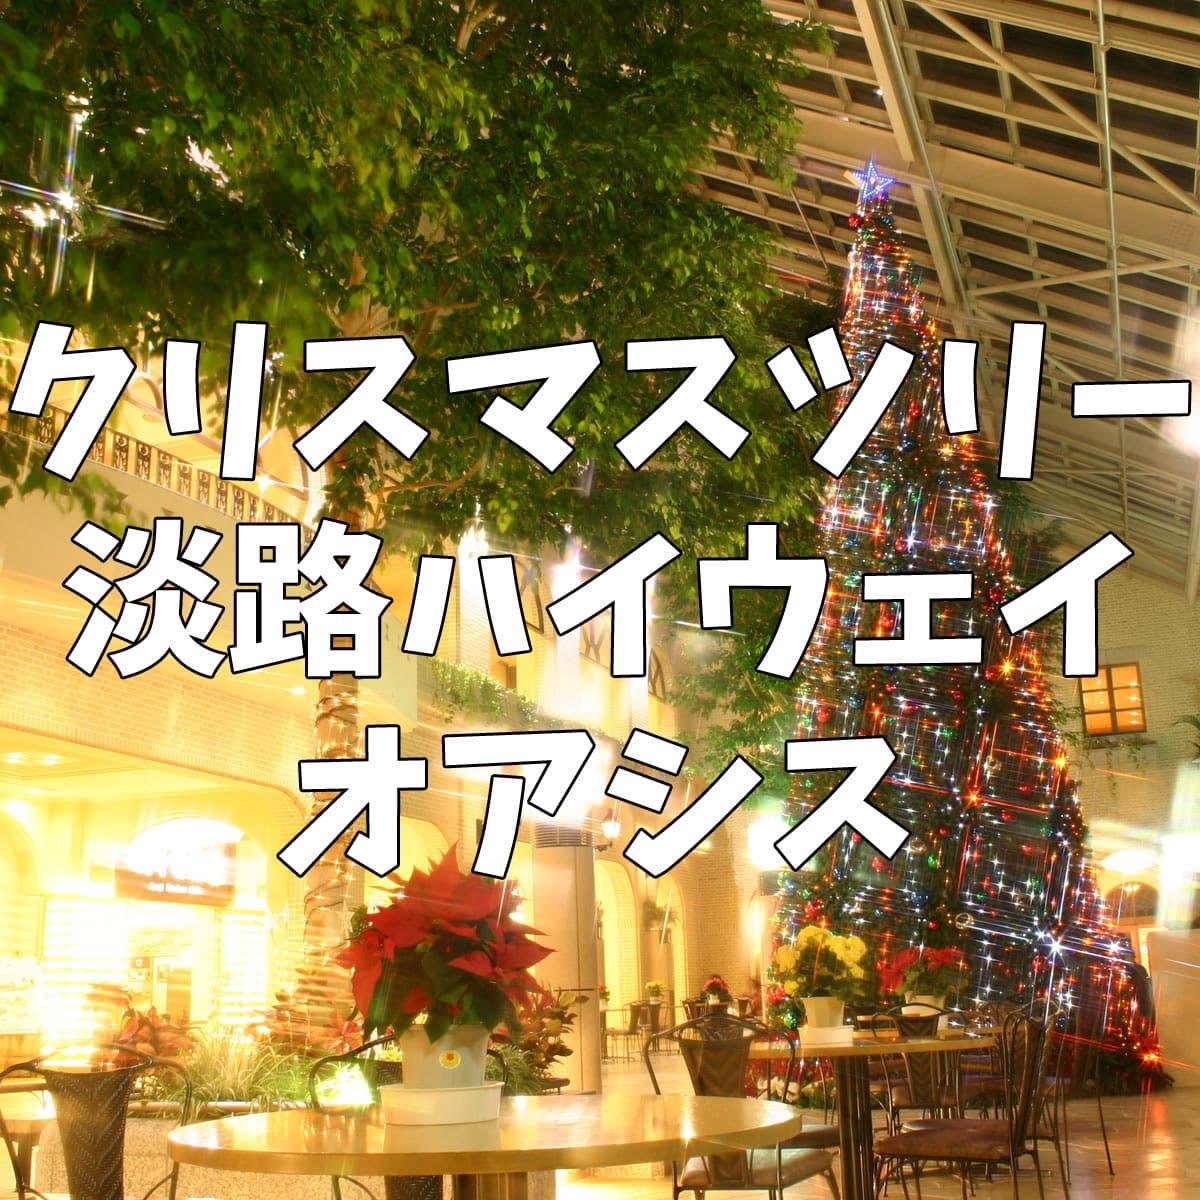 クリスマスツリー 淡路ハイウェイオアシス